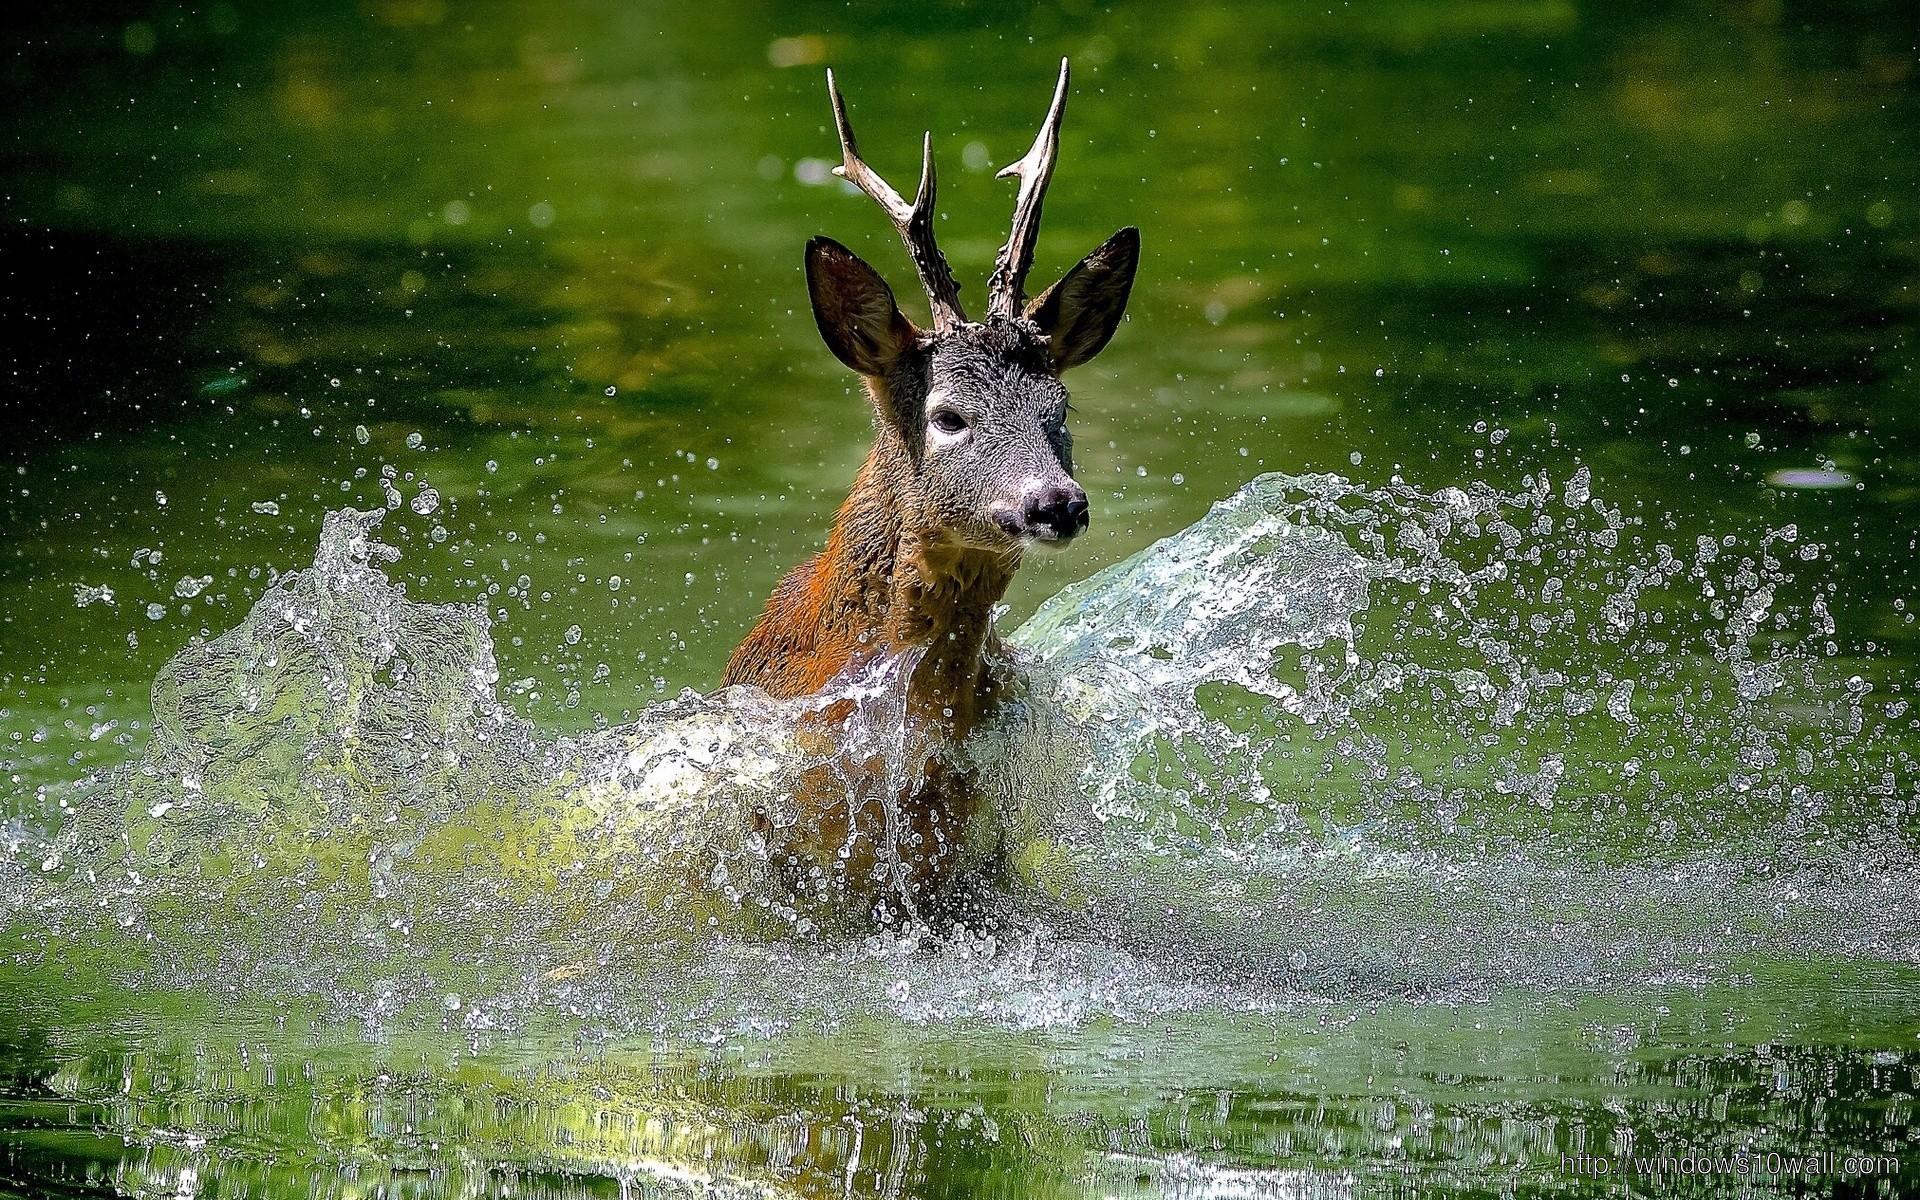 deer-in-river-water-splash-wallpaper